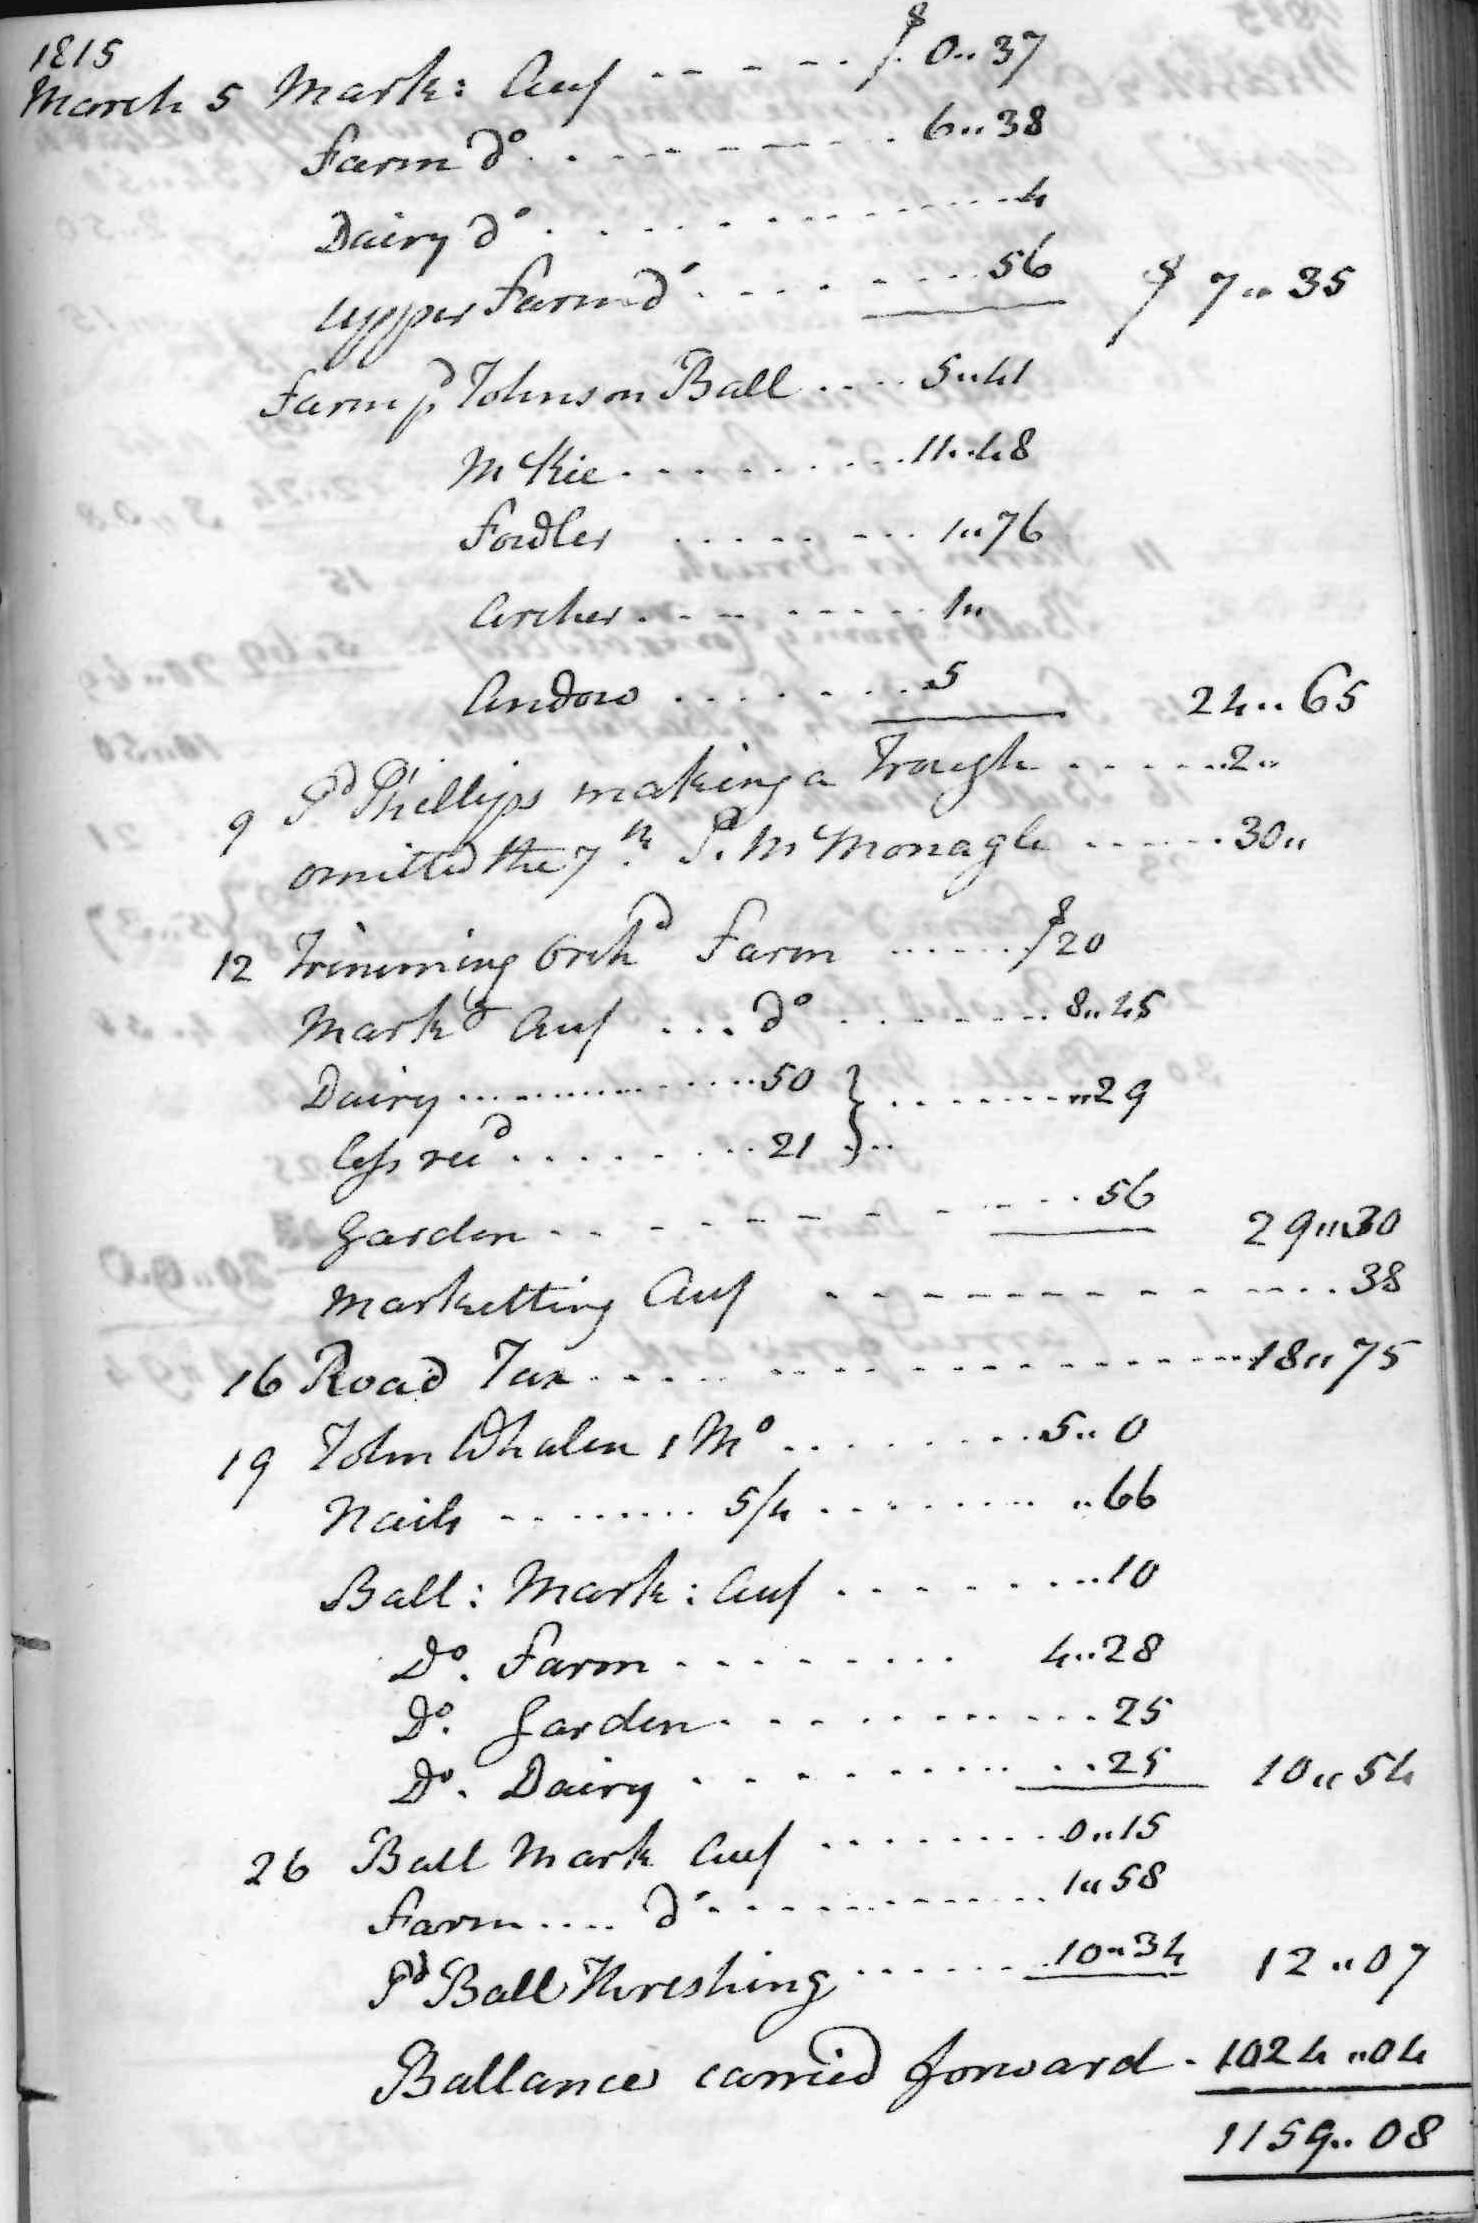 Gouverneur Morris Cash Book, folio 39, right side